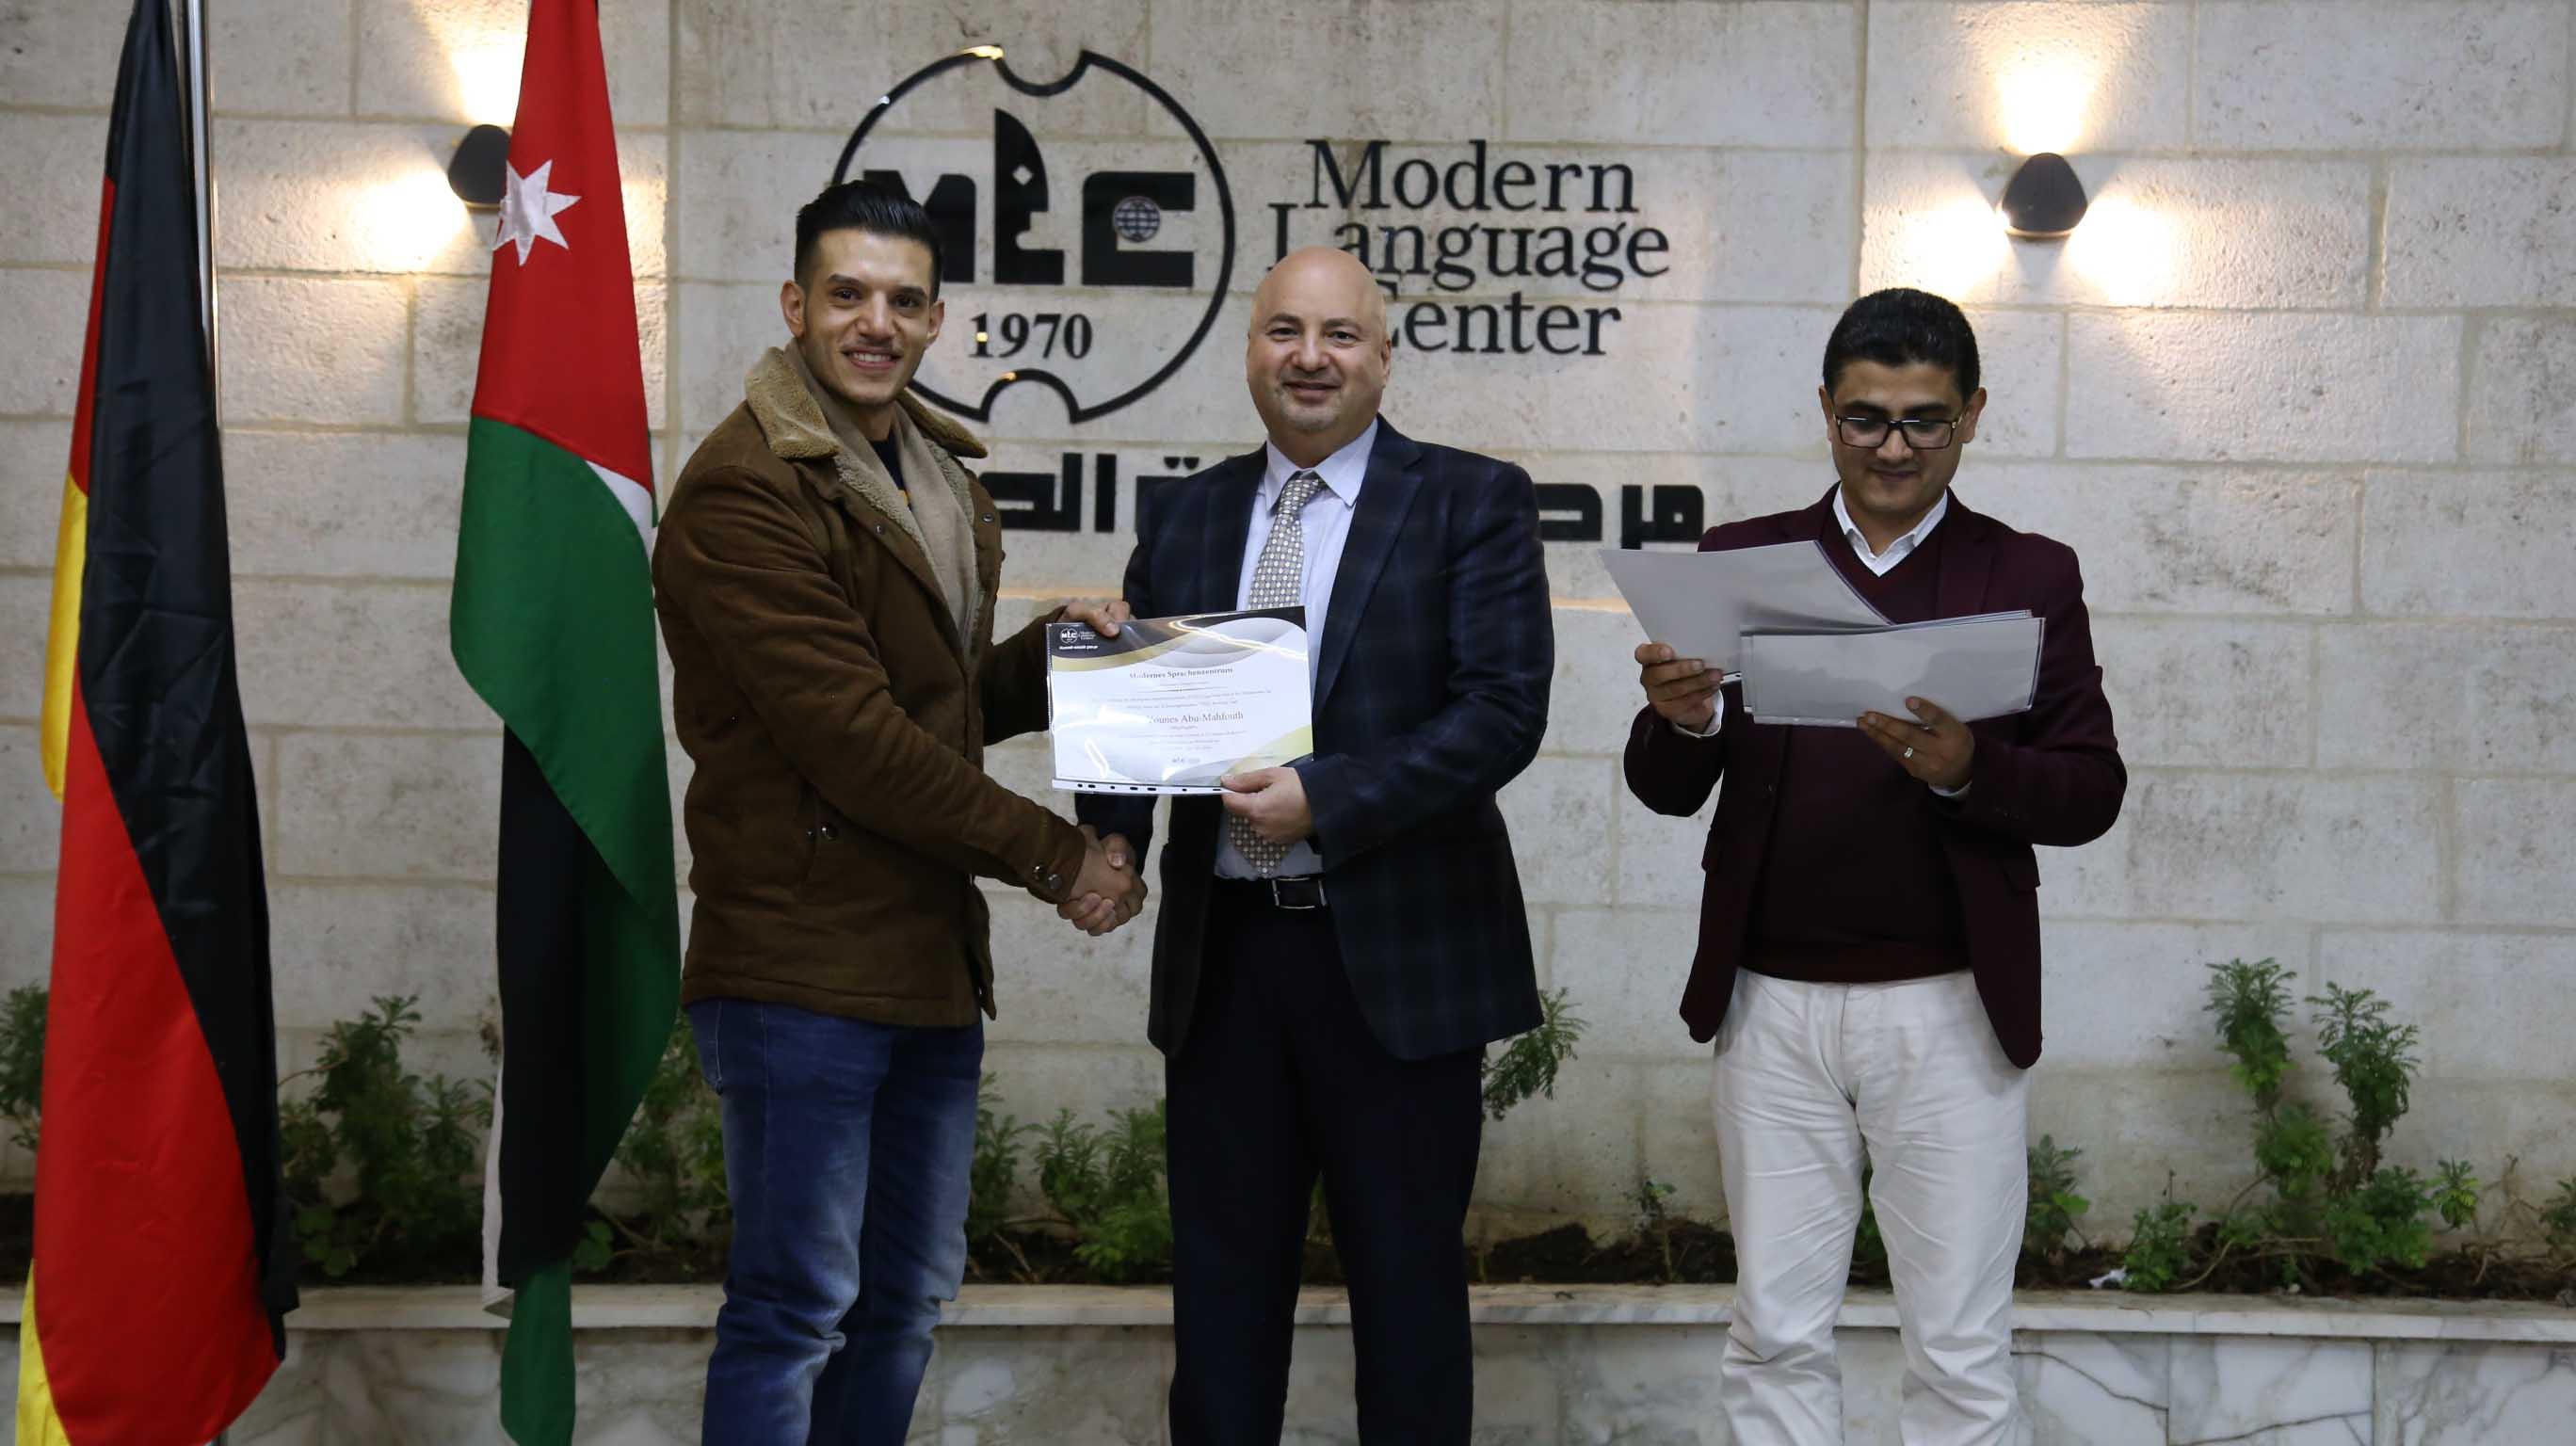 مركز اللغات الحديث يخرج فوج جديد من طلاب اللغة الالمانية